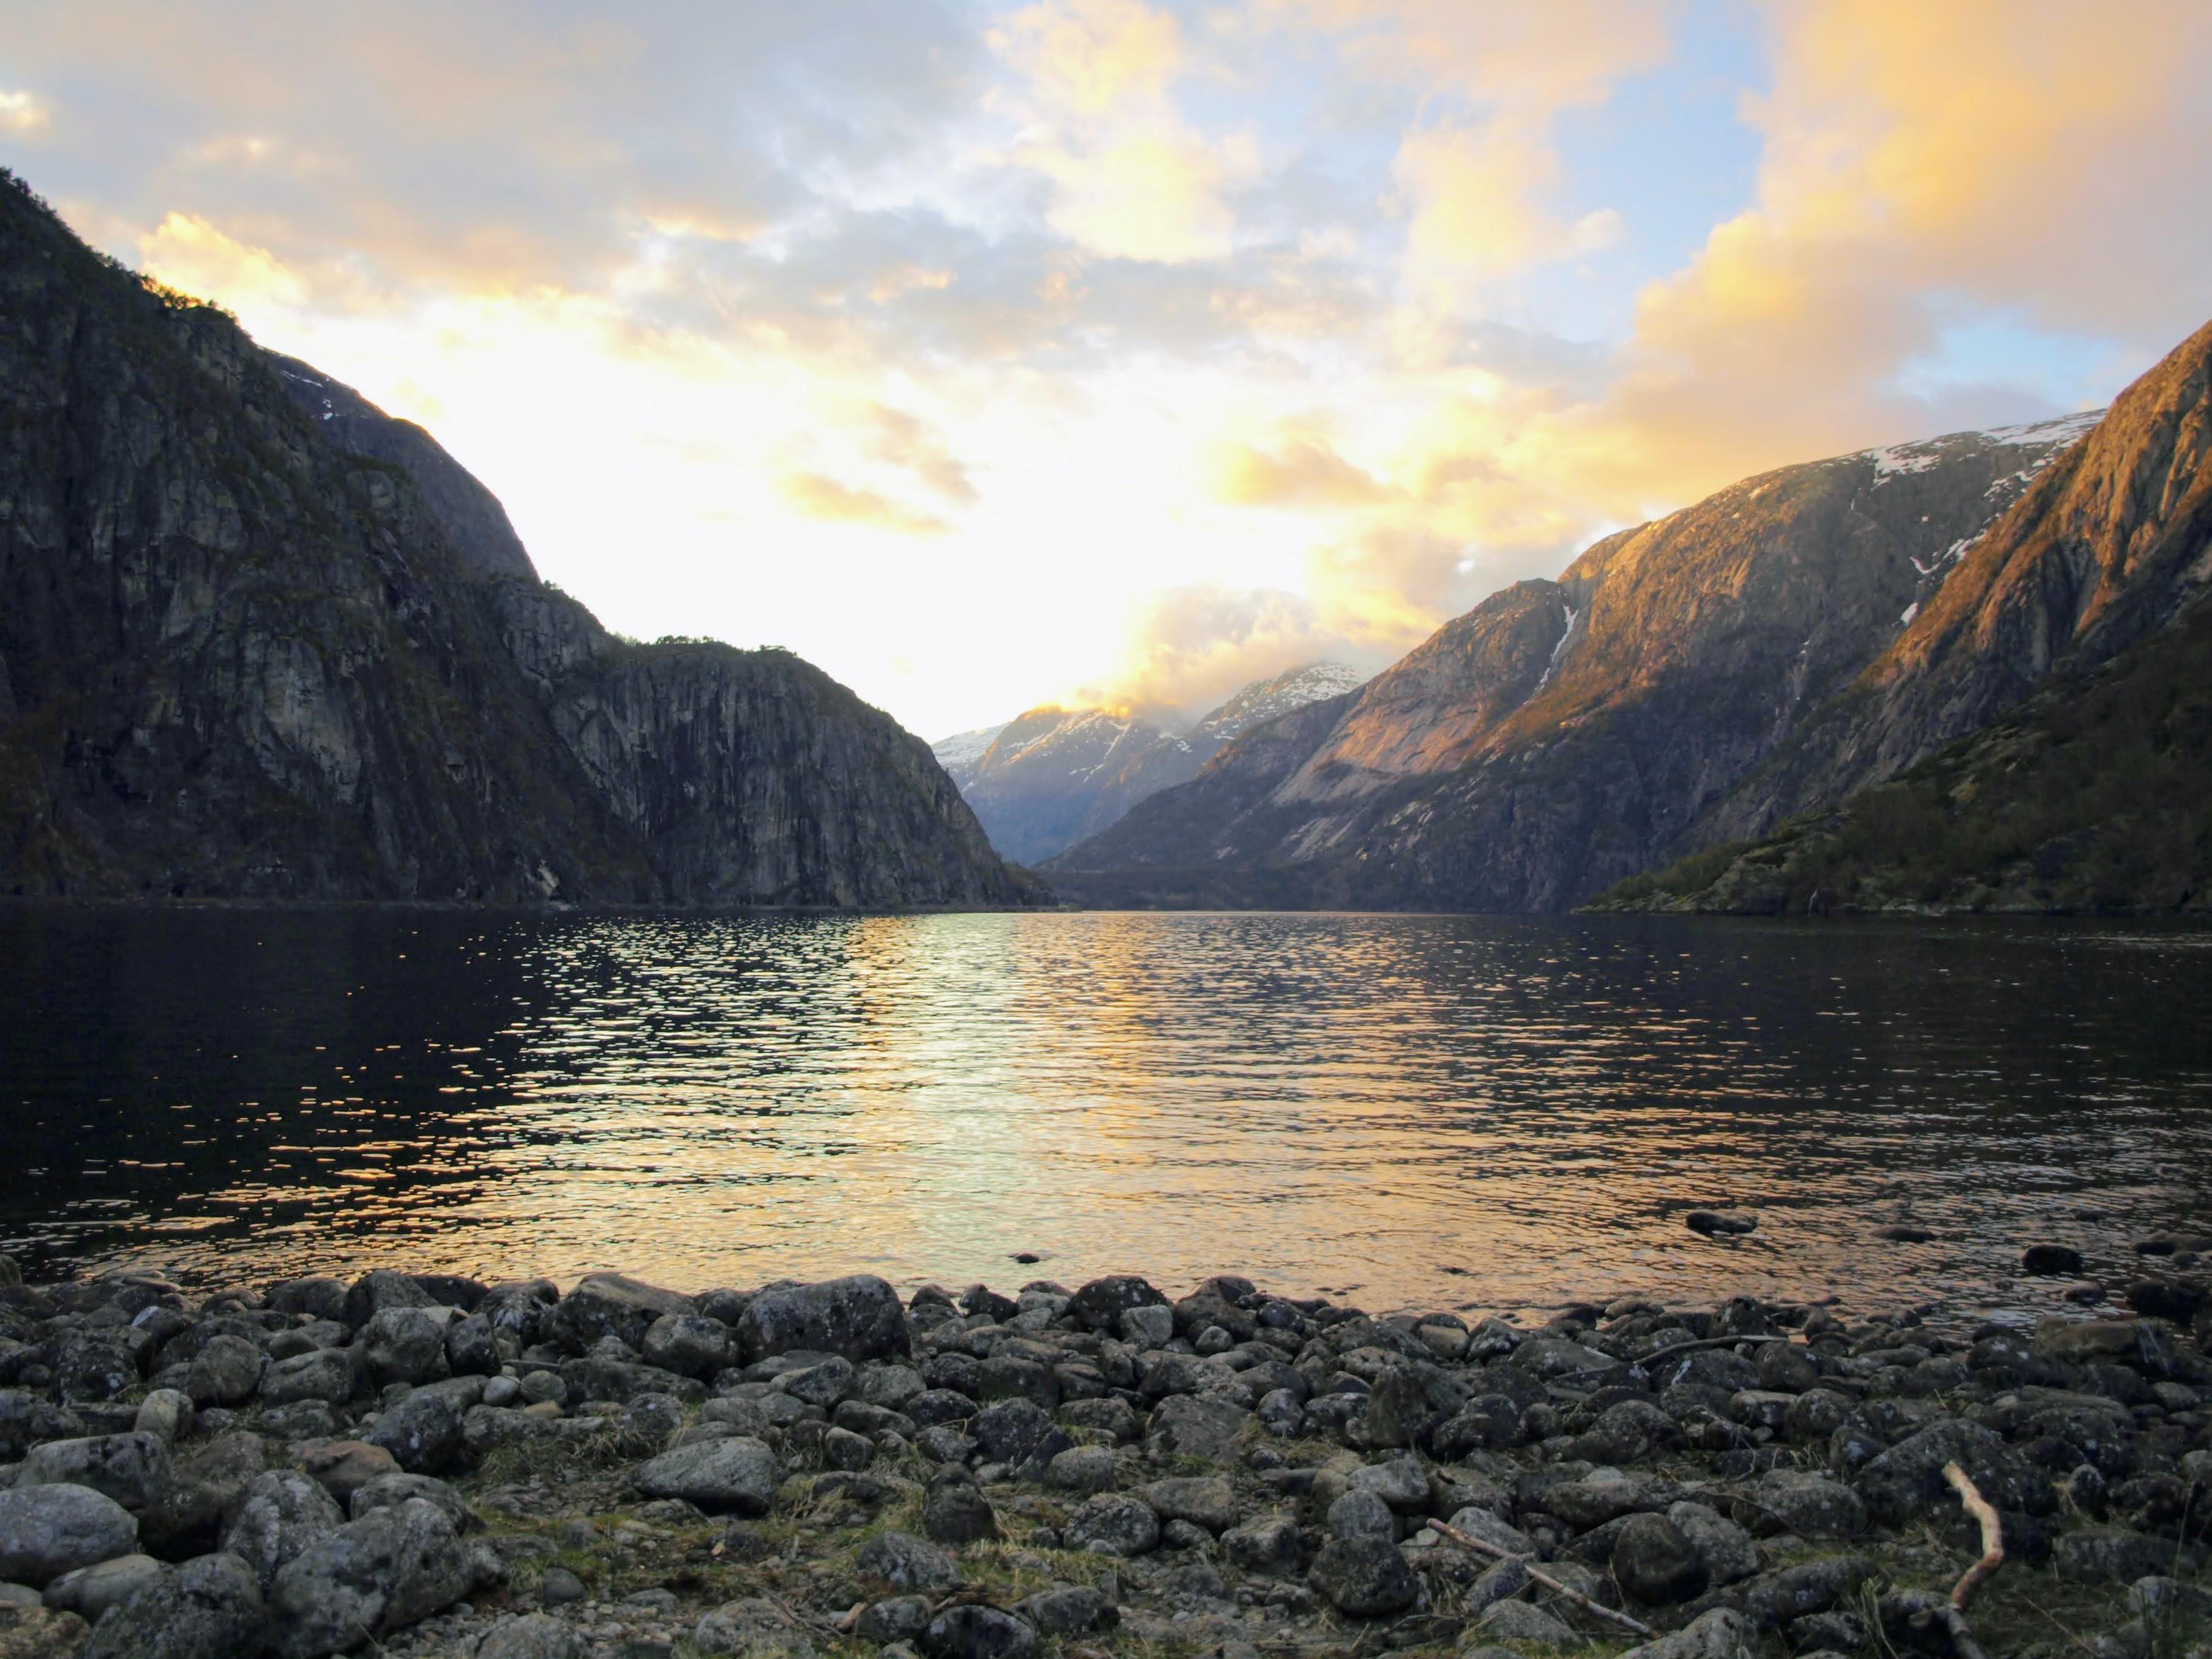 Západ slunce se zrcadlí v jezeře Eidfjordvatnet